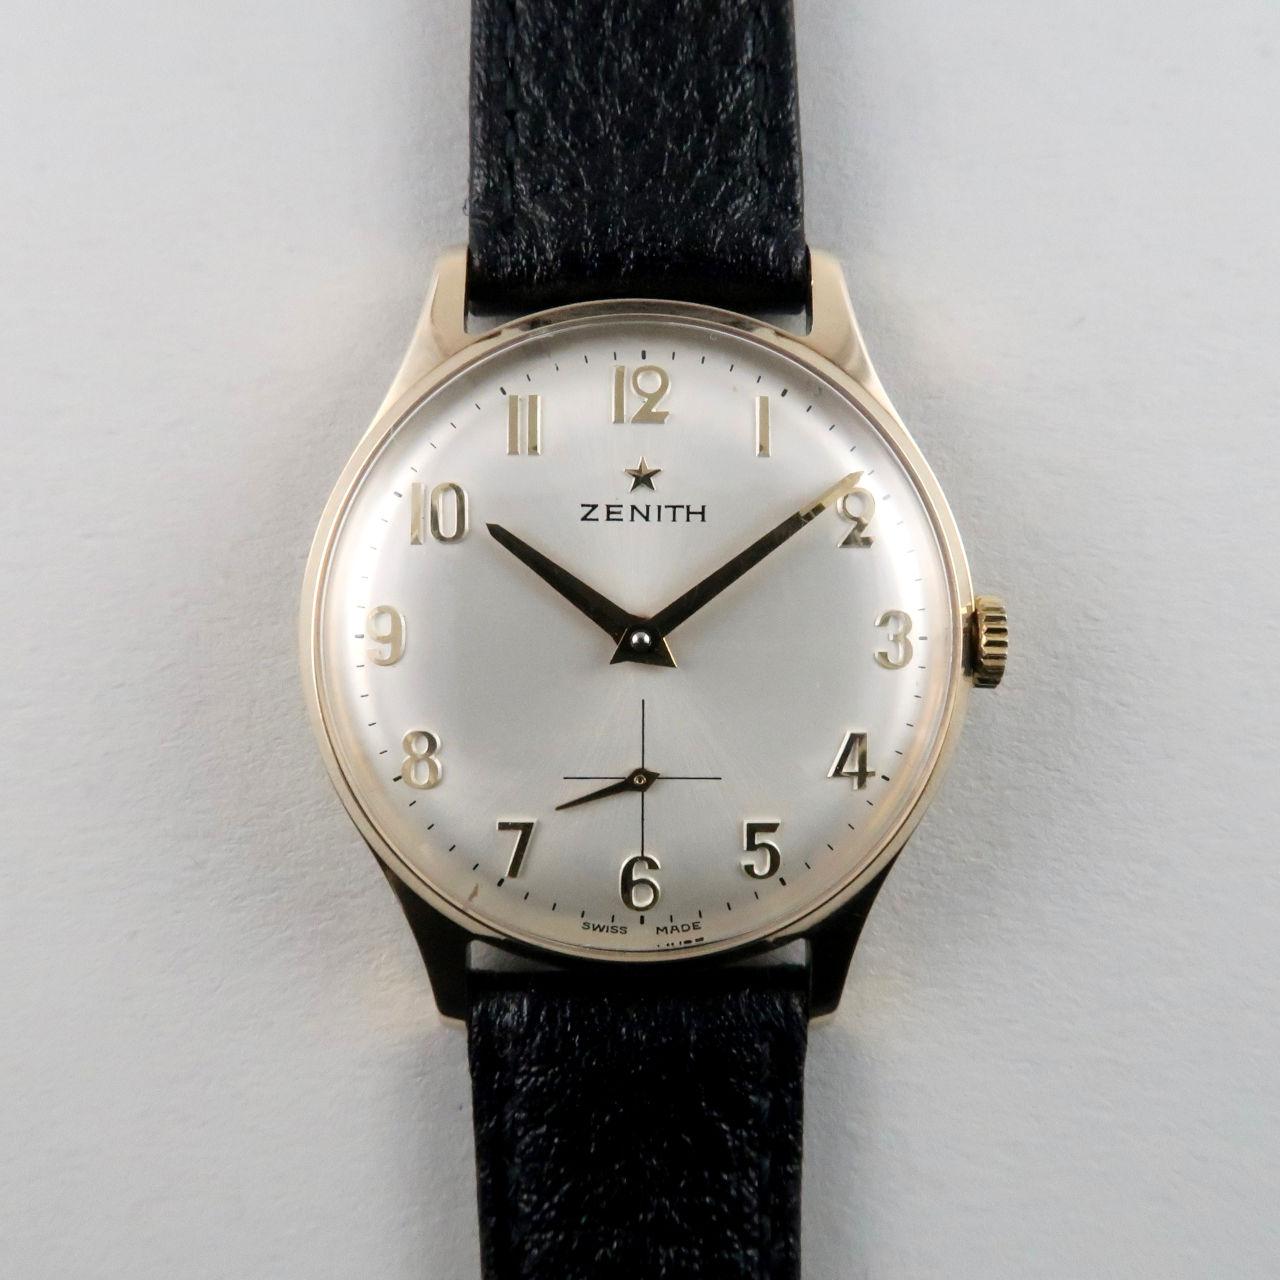 Zenith cal. 2541 gold vintage wristwatch, hallmarked 1971